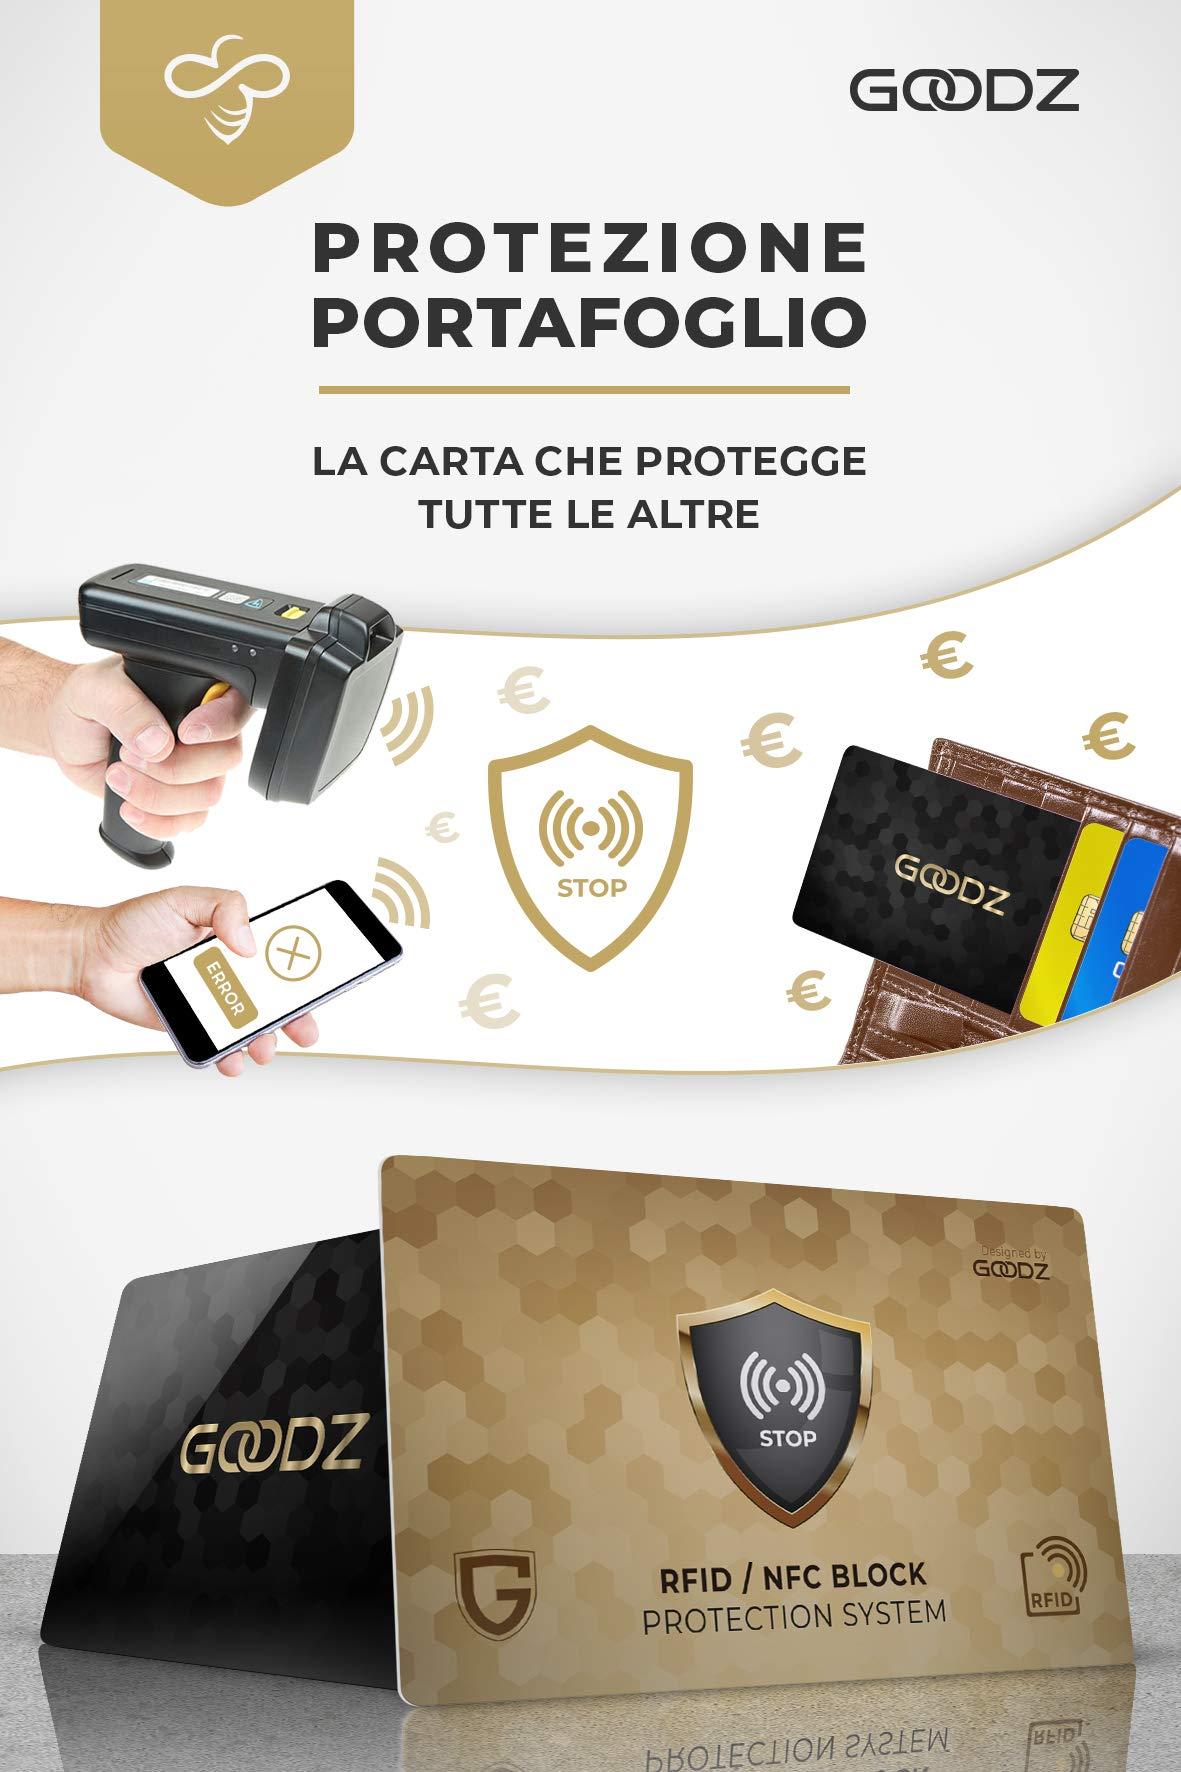 Black/&gold Carta Di Blocco Goodz Protezione RFID NFC Per Pack 2 Carte